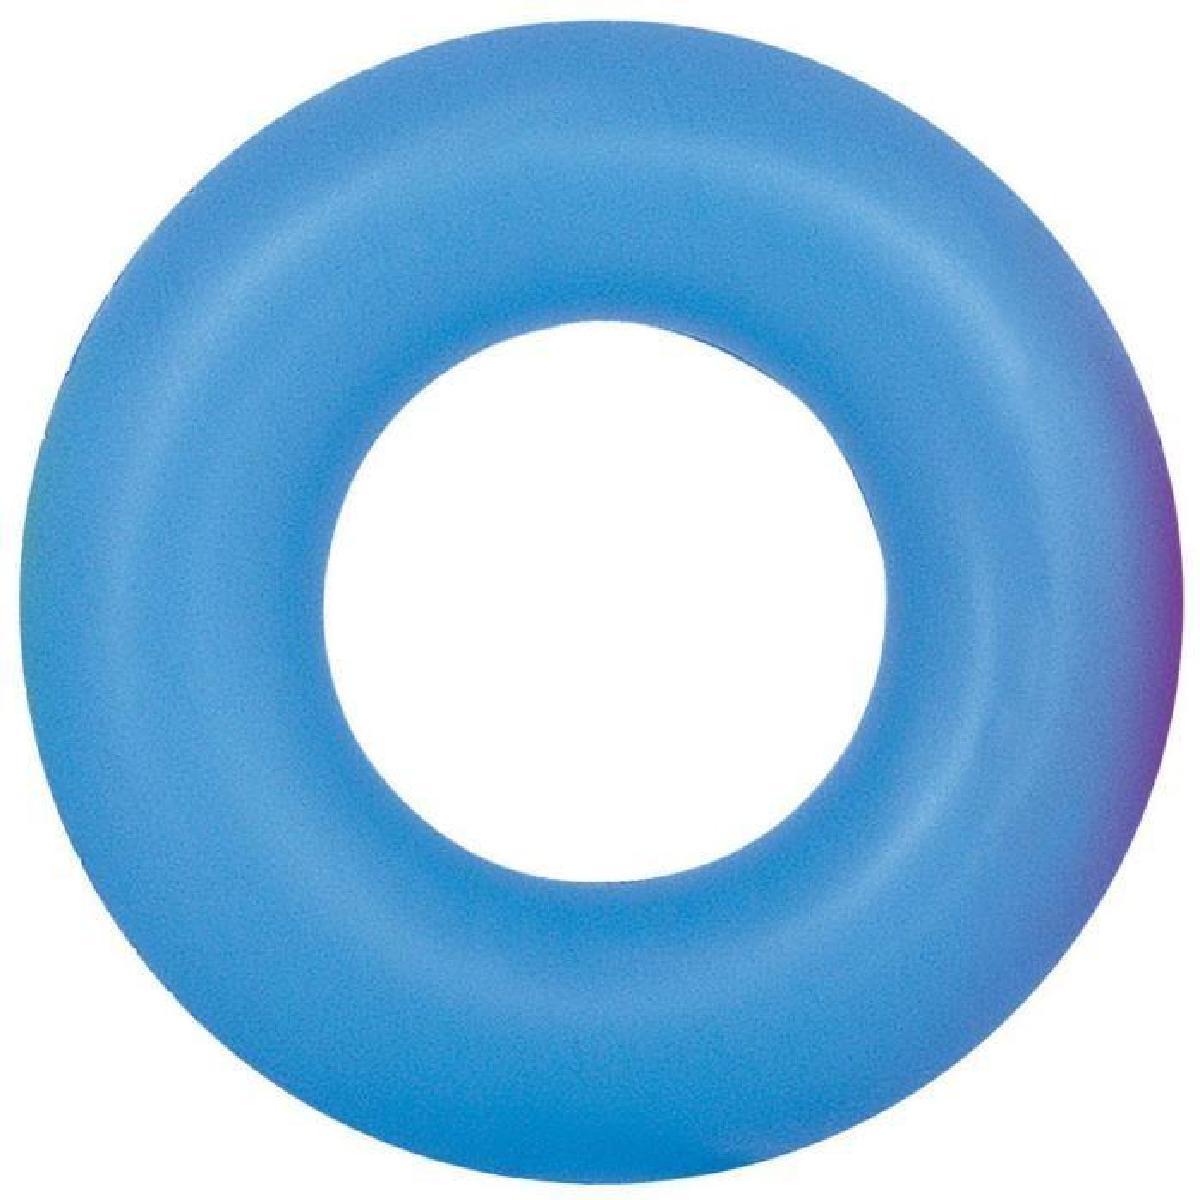 Bouée gonflable baignade Fluo swim ring bleu 91 cm Bestway UNI Bleu